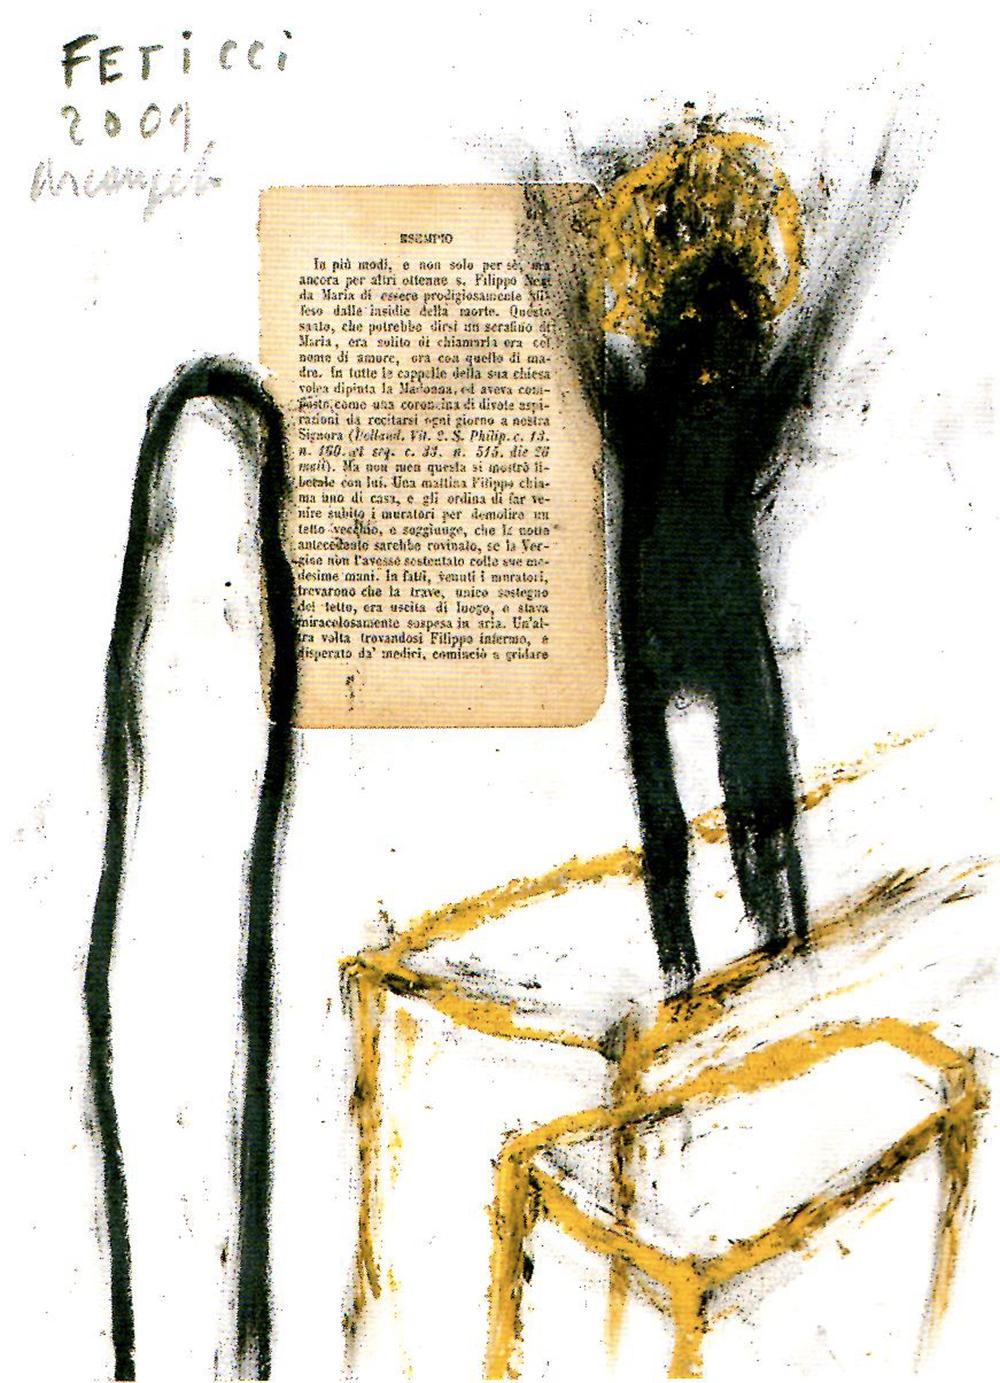 Feticci, 2001, tecnica mista su carta, cm 30x24